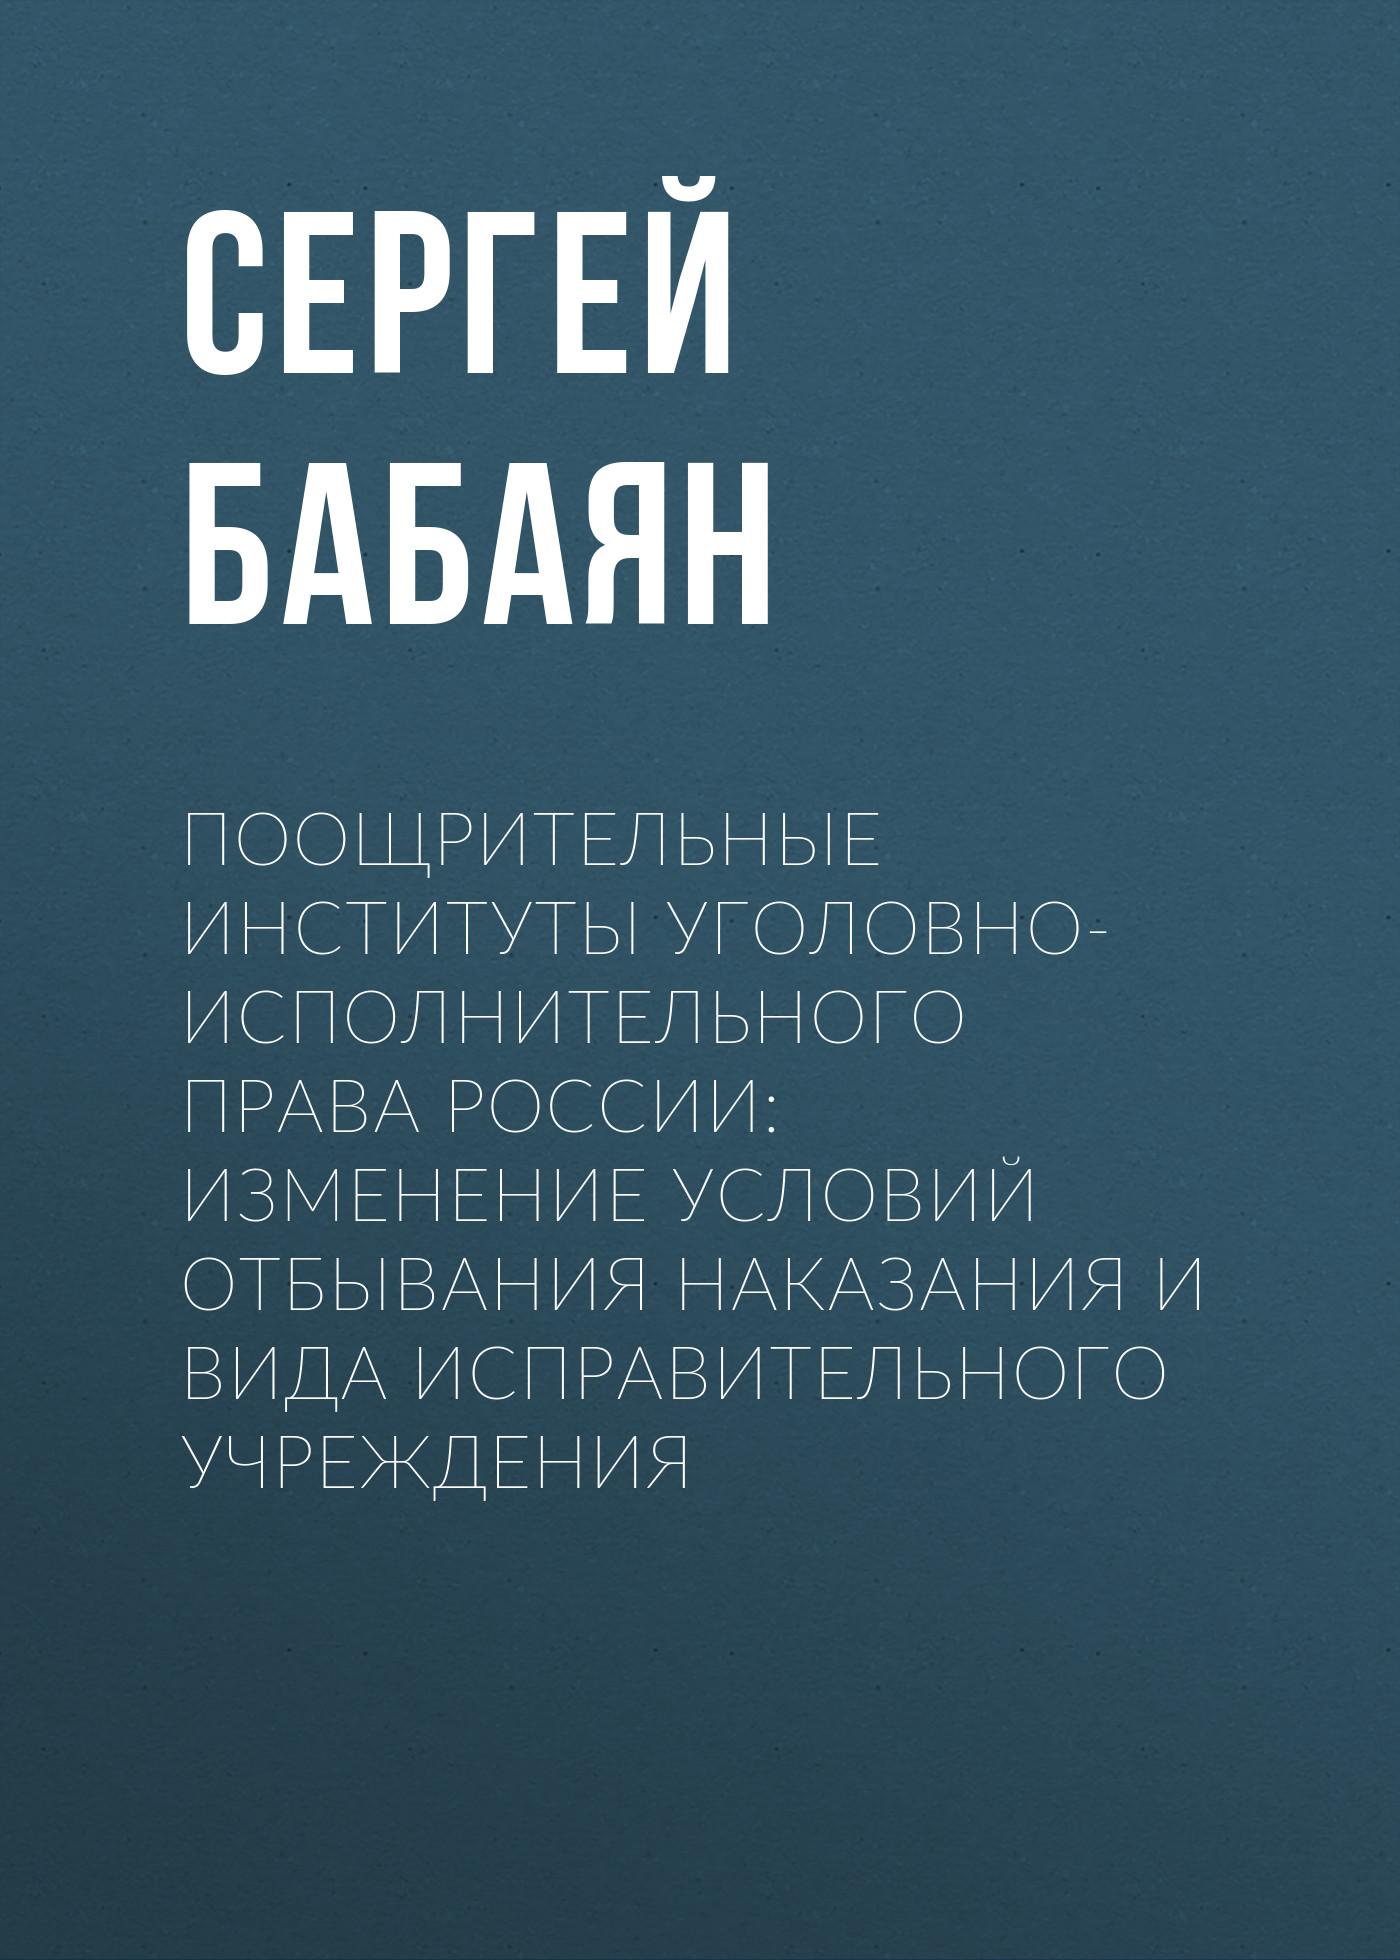 Поощрительные институты уголовно-исполнительного права России: изменение условий отбывания наказания и вида исправительного учреждения фото